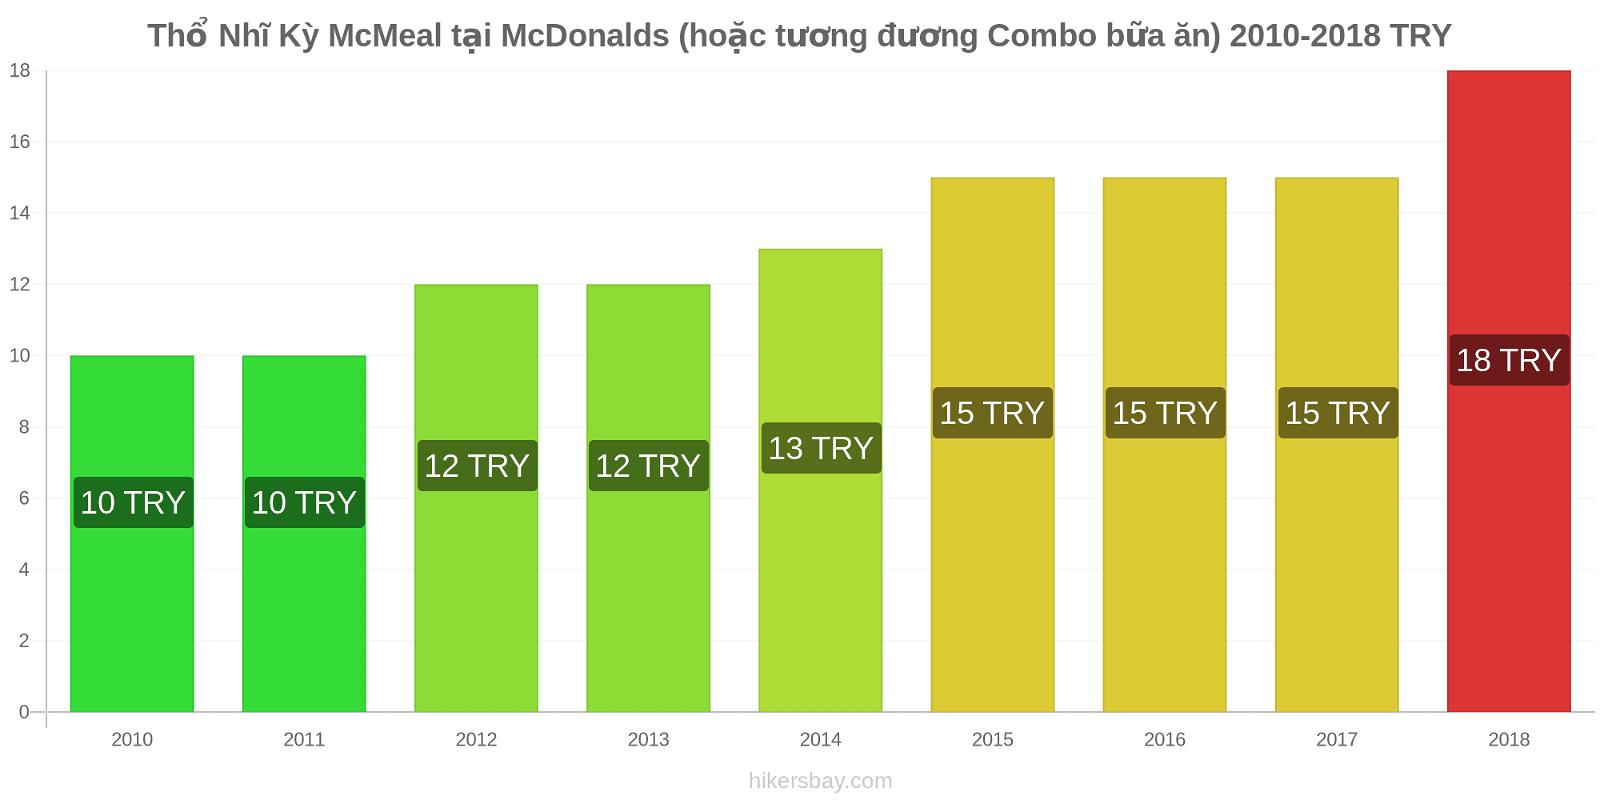 Thổ Nhĩ Kỳ thay đổi giá McMeal tại McDonalds (hoặc tương đương Combo bữa ăn) hikersbay.com